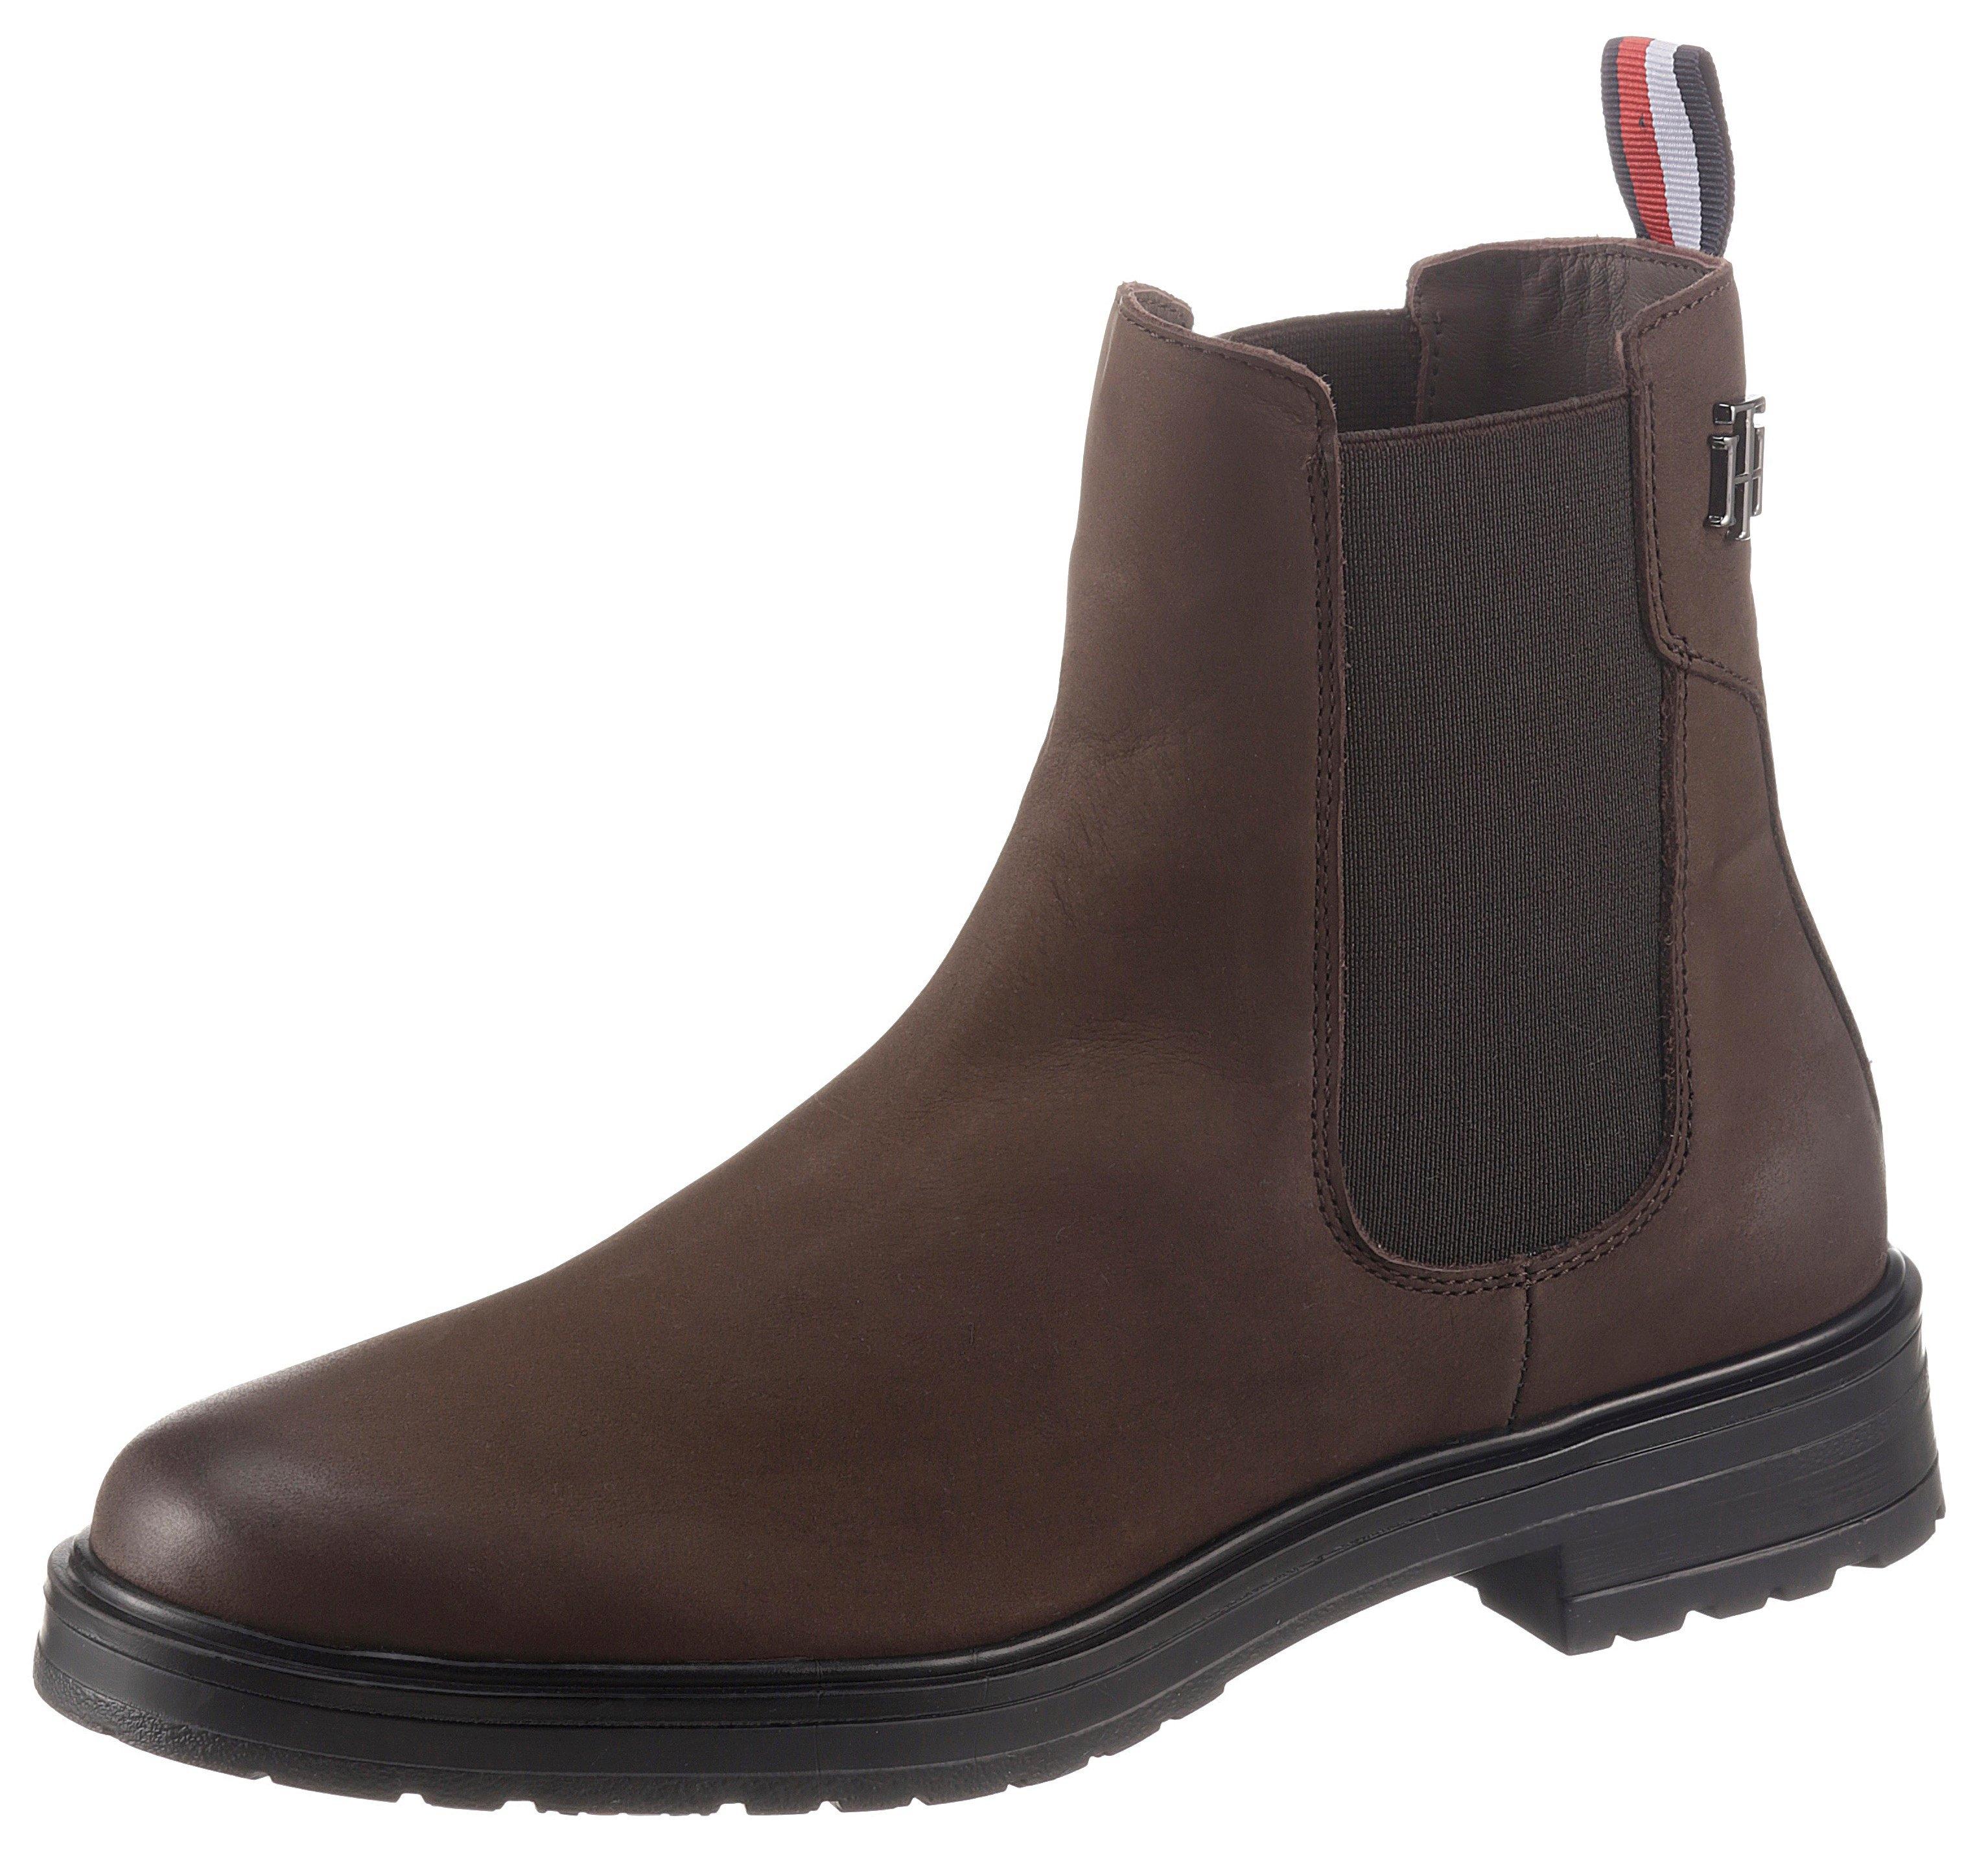 Tommy Hilfiger Chelsea-boots TH STUD FLAT BOOT met gestreepte aantreklus goedkoop op otto.nl kopen